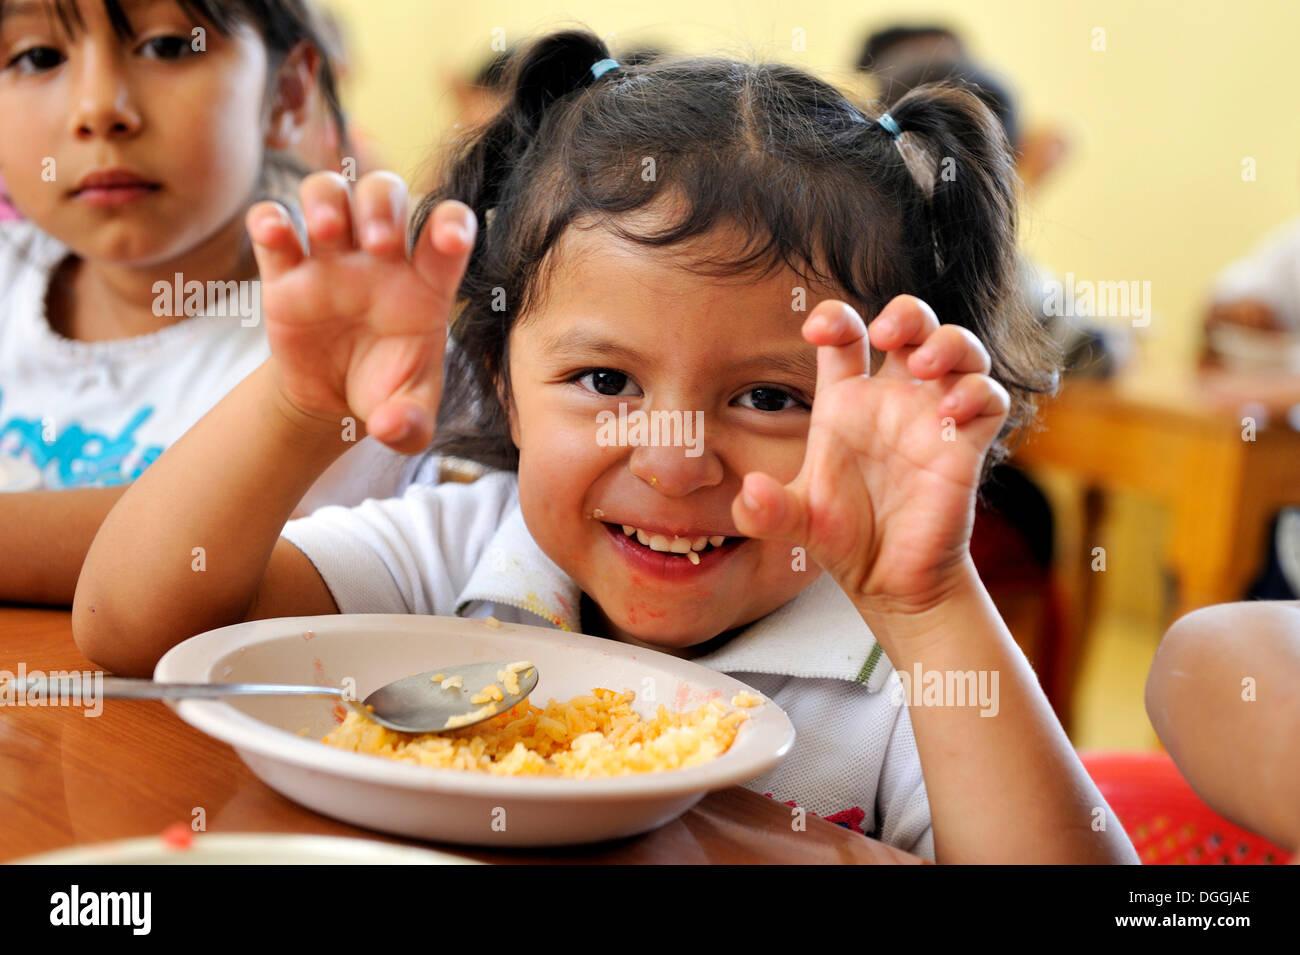 Fille dans le réfectoire dans un orphelinat, Queretaro, Mexique, Amérique du Nord, Amérique Latine Banque D'Images